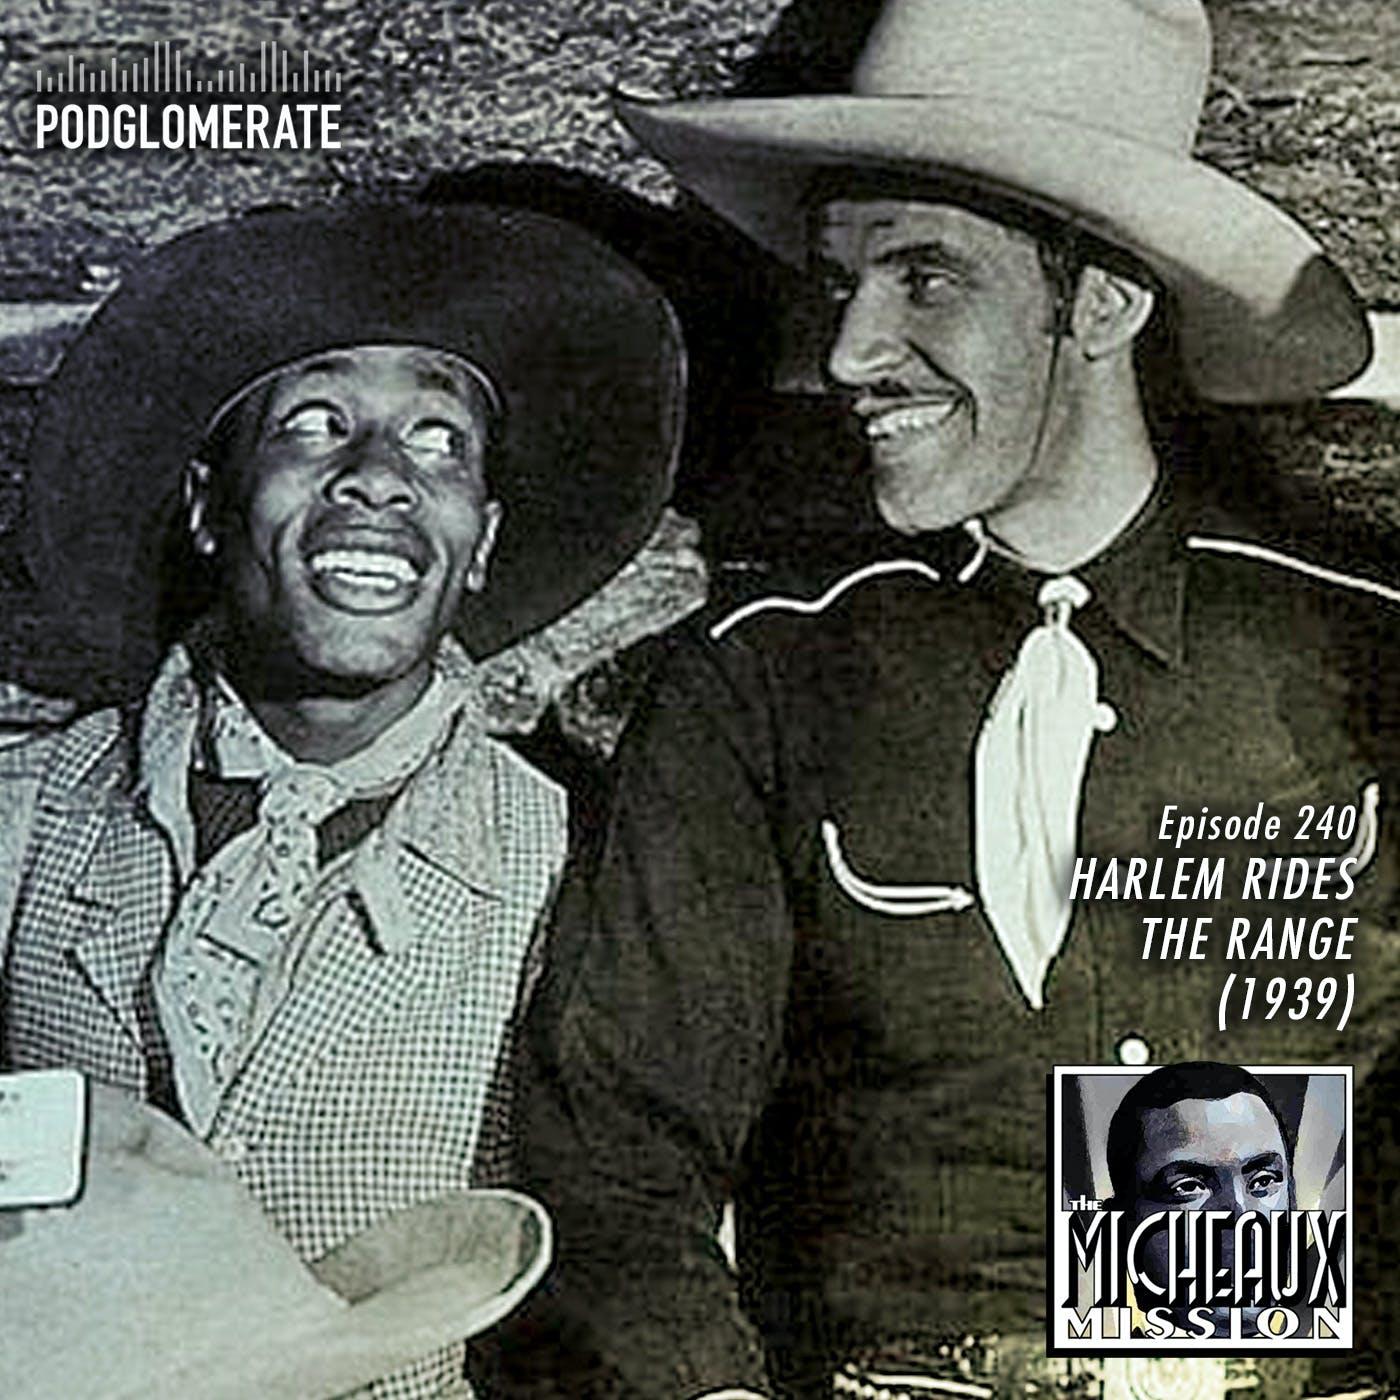 Harlem Rides The Range (1939)